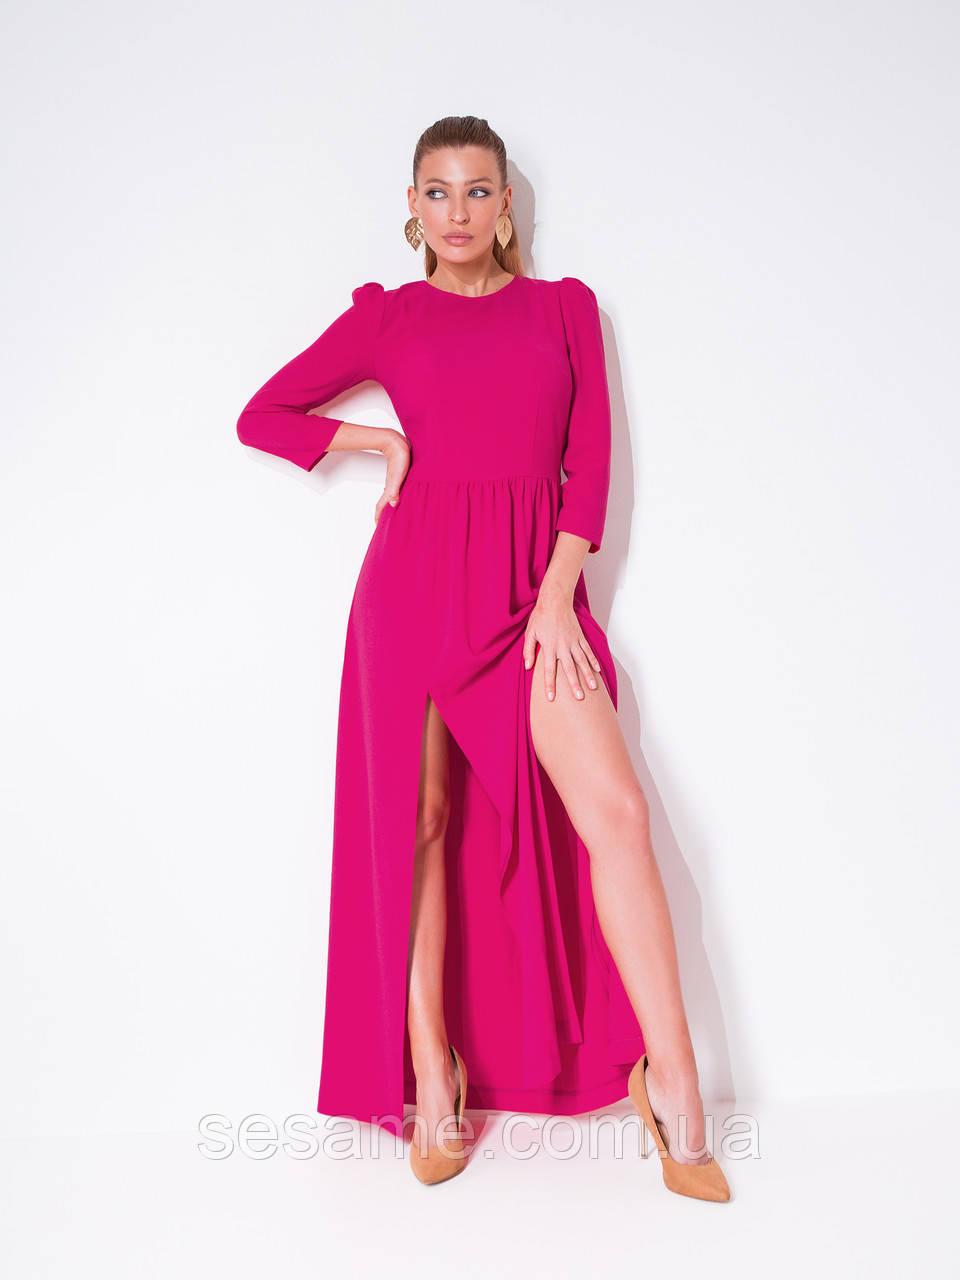 grand ua Виолет платье